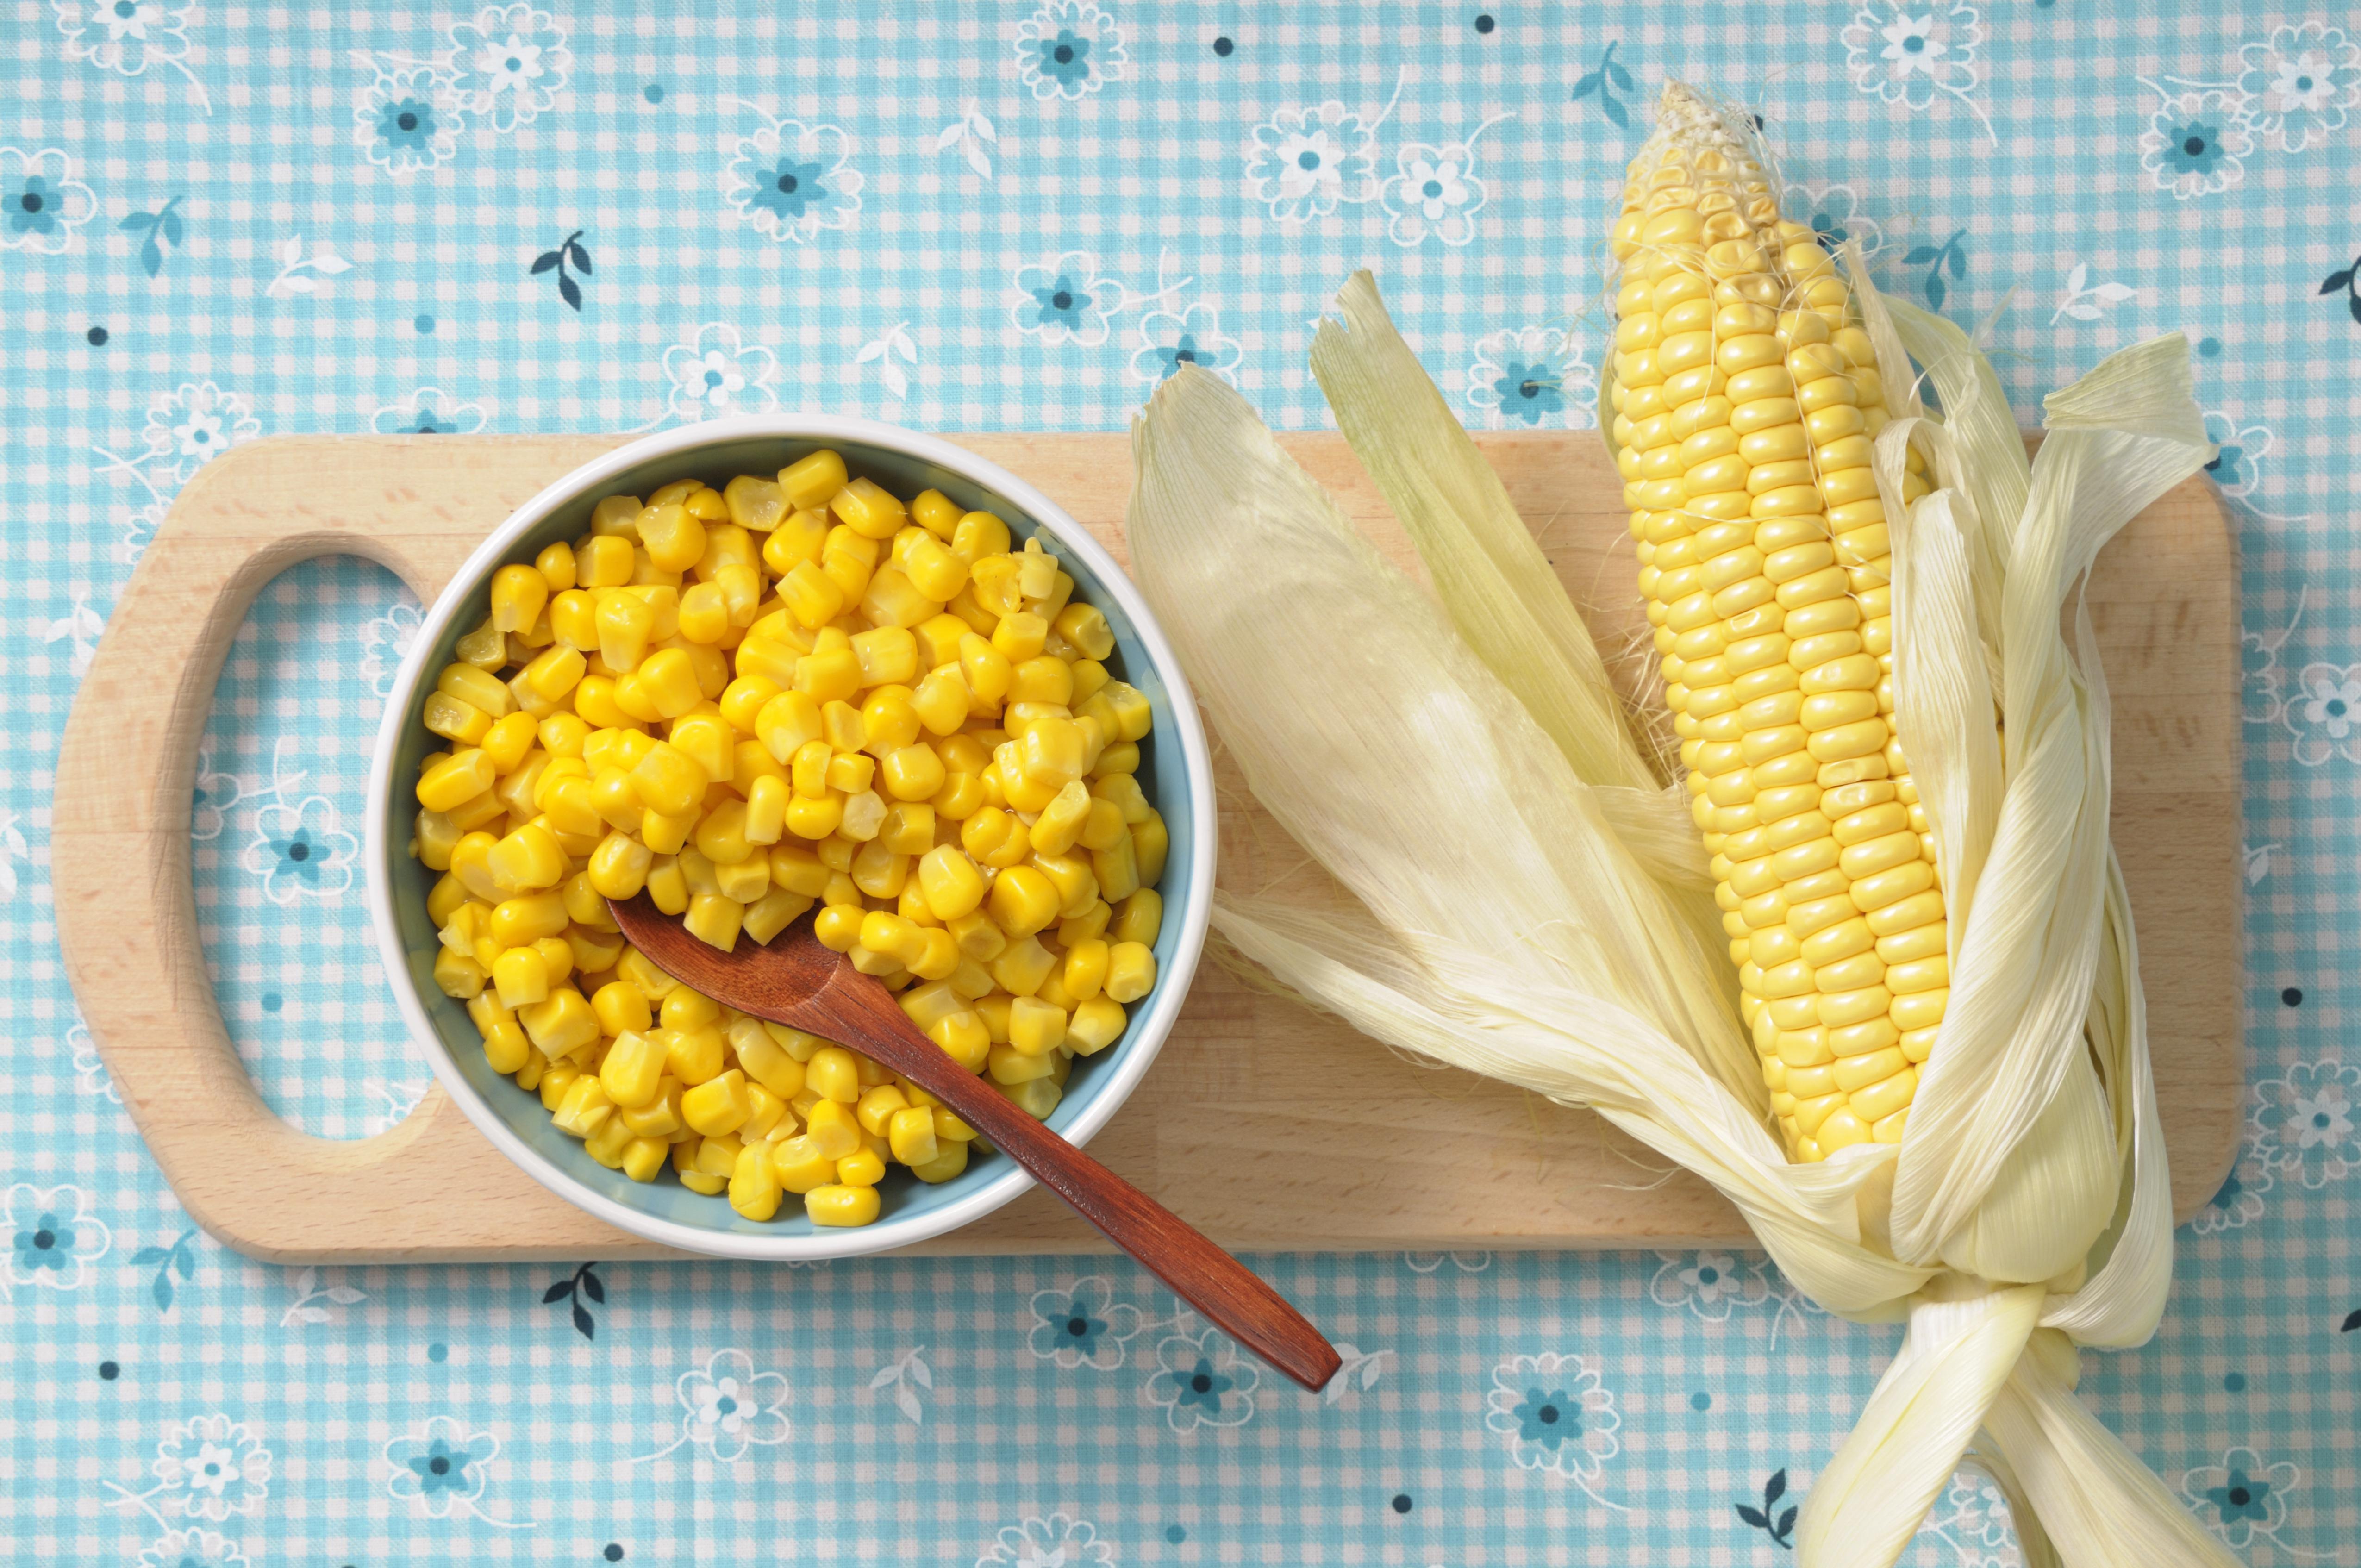 Corn in bowl